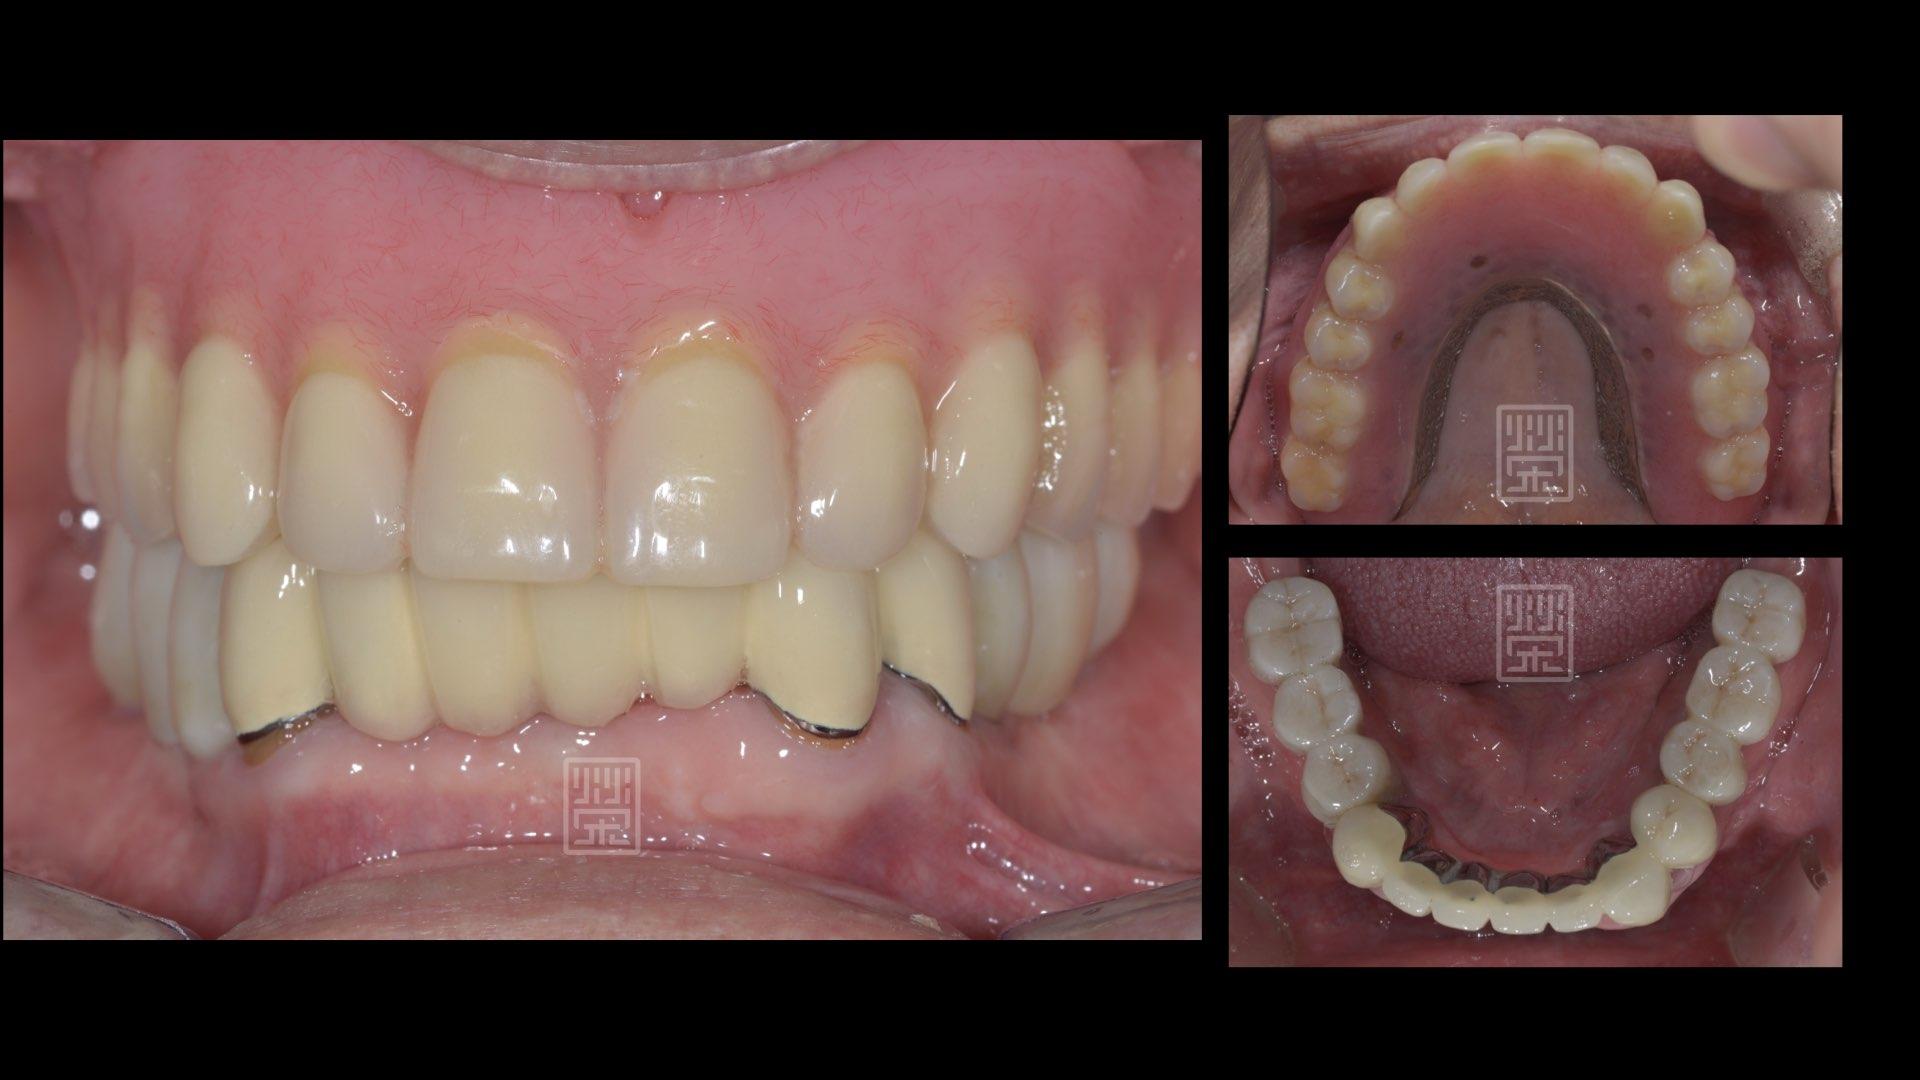 下顎利用局部固定義齒與植牙固定義齒修復